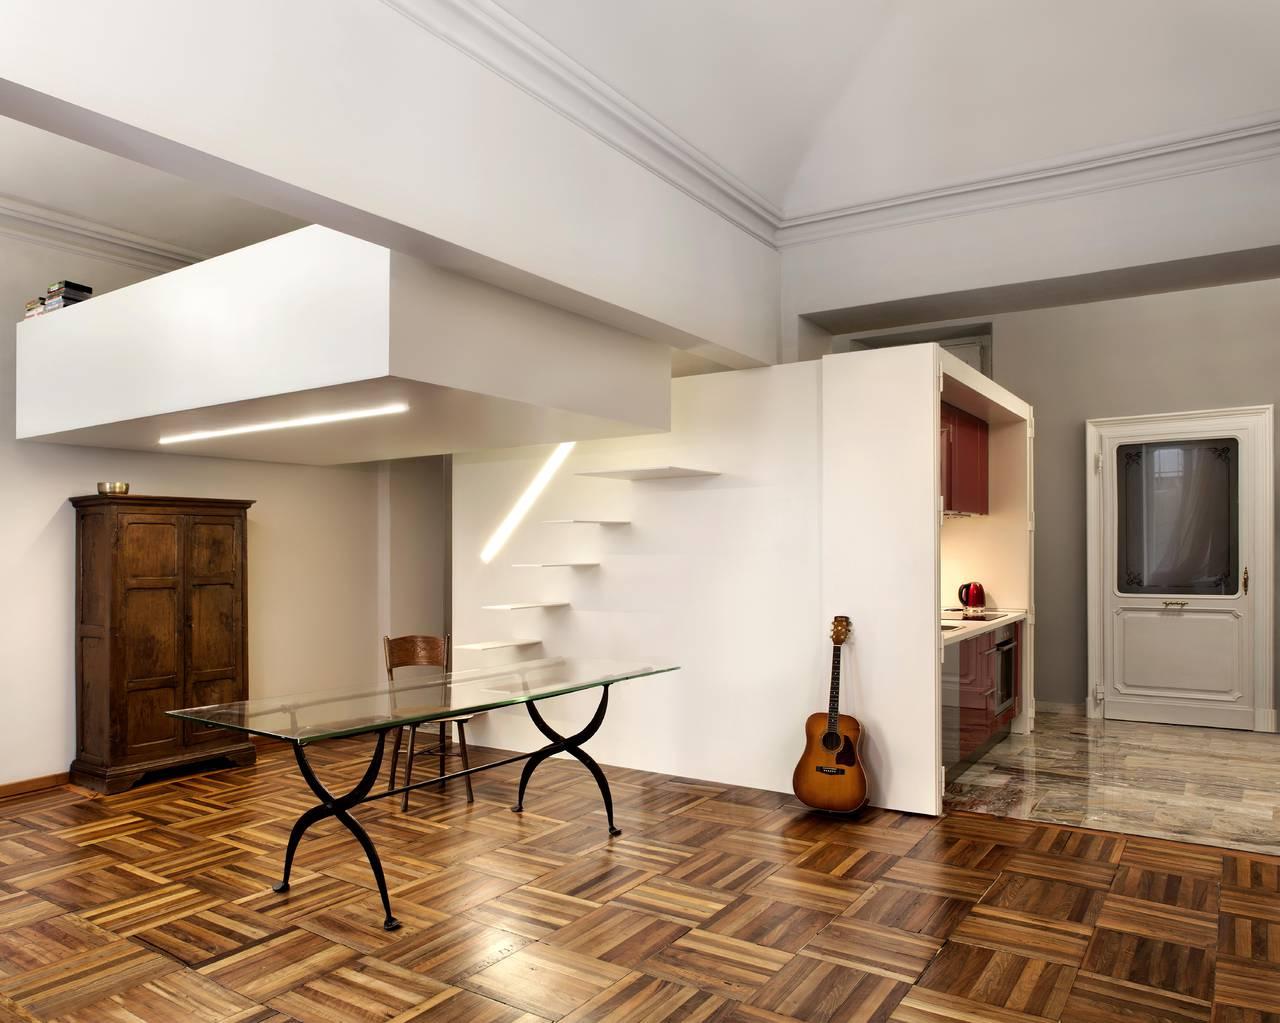 Da appartamento con doppio ingresso a monolocale indipendente for Piani di casa rustici con soppalco